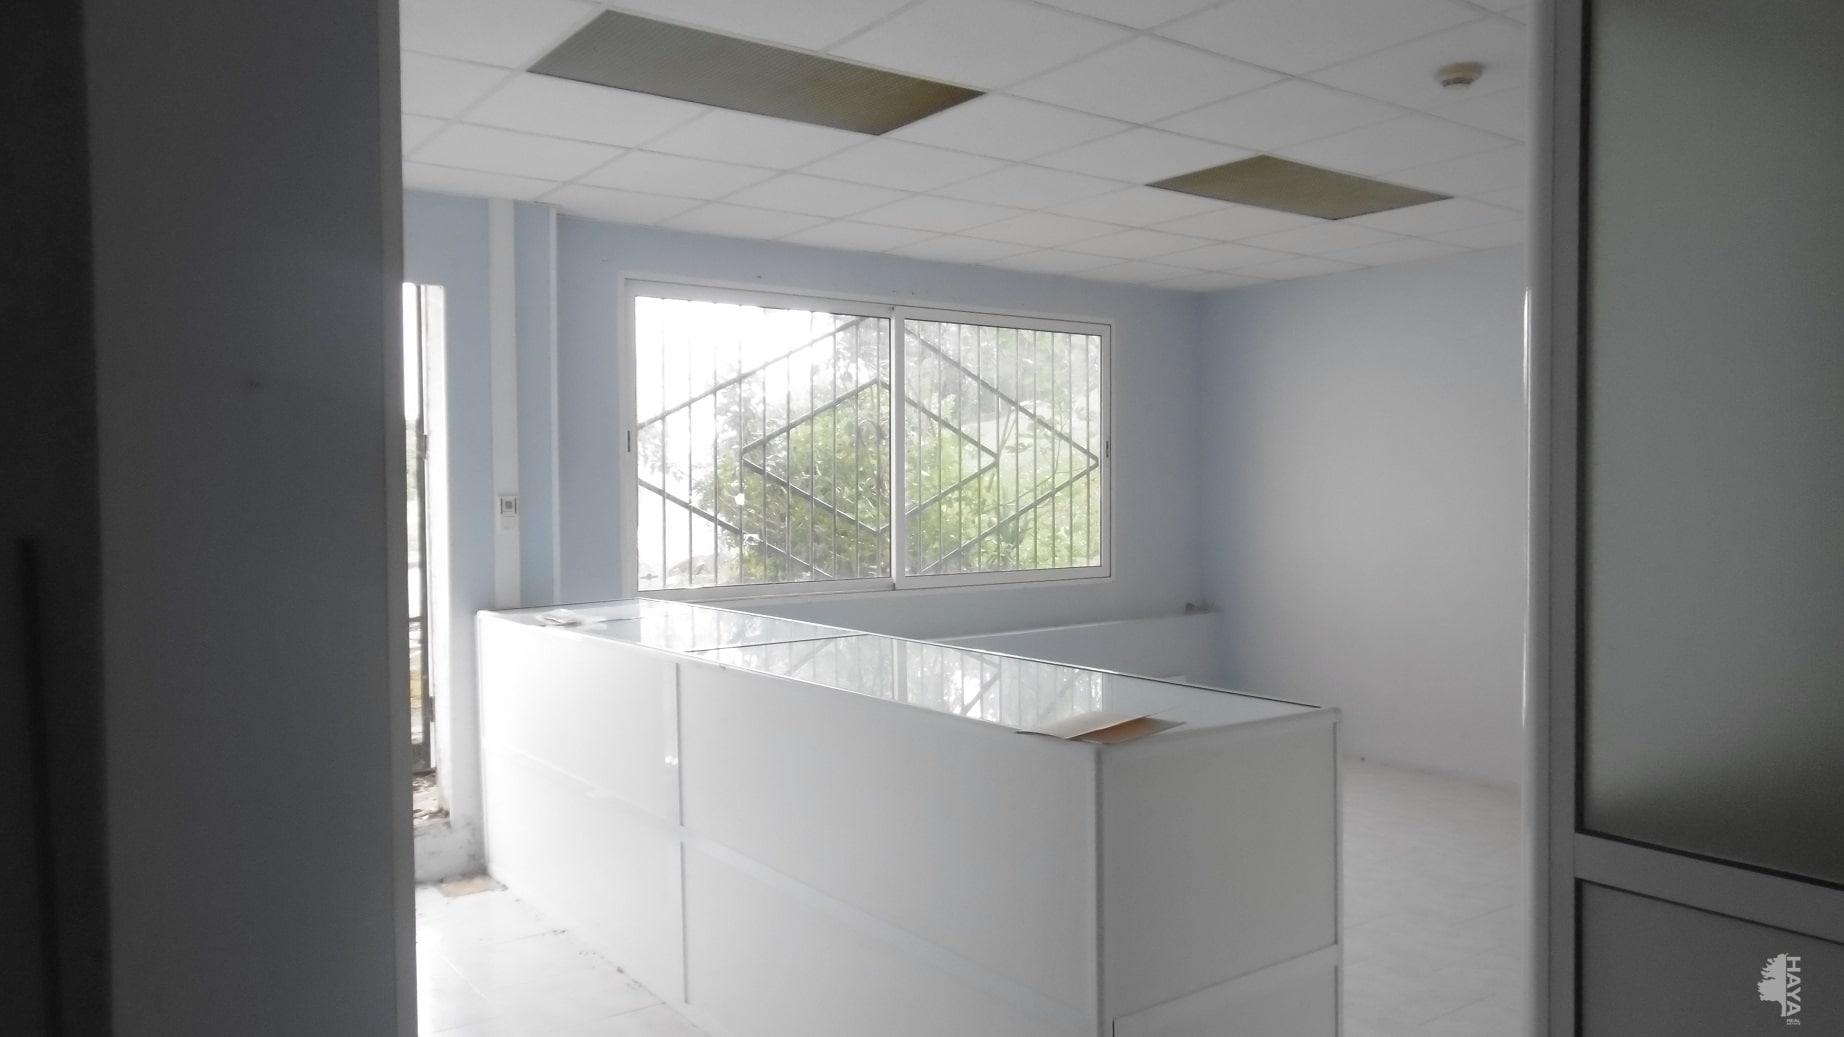 Local en venta en Local en Marina de Cudeyo, Cantabria, 68.757 €, 84 m2